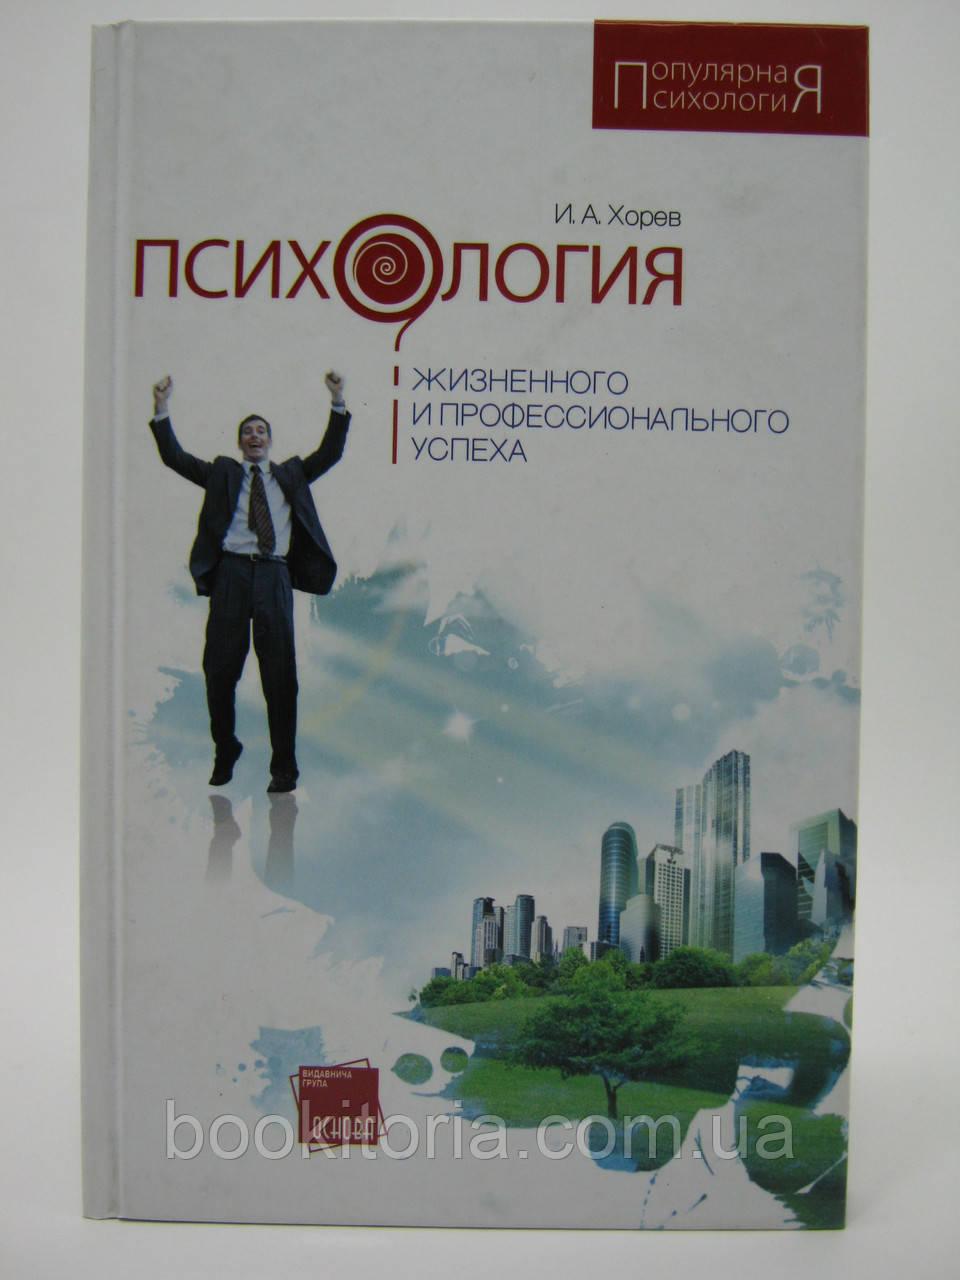 Хорев И.А. Психология жизненного и профессионального успеха.